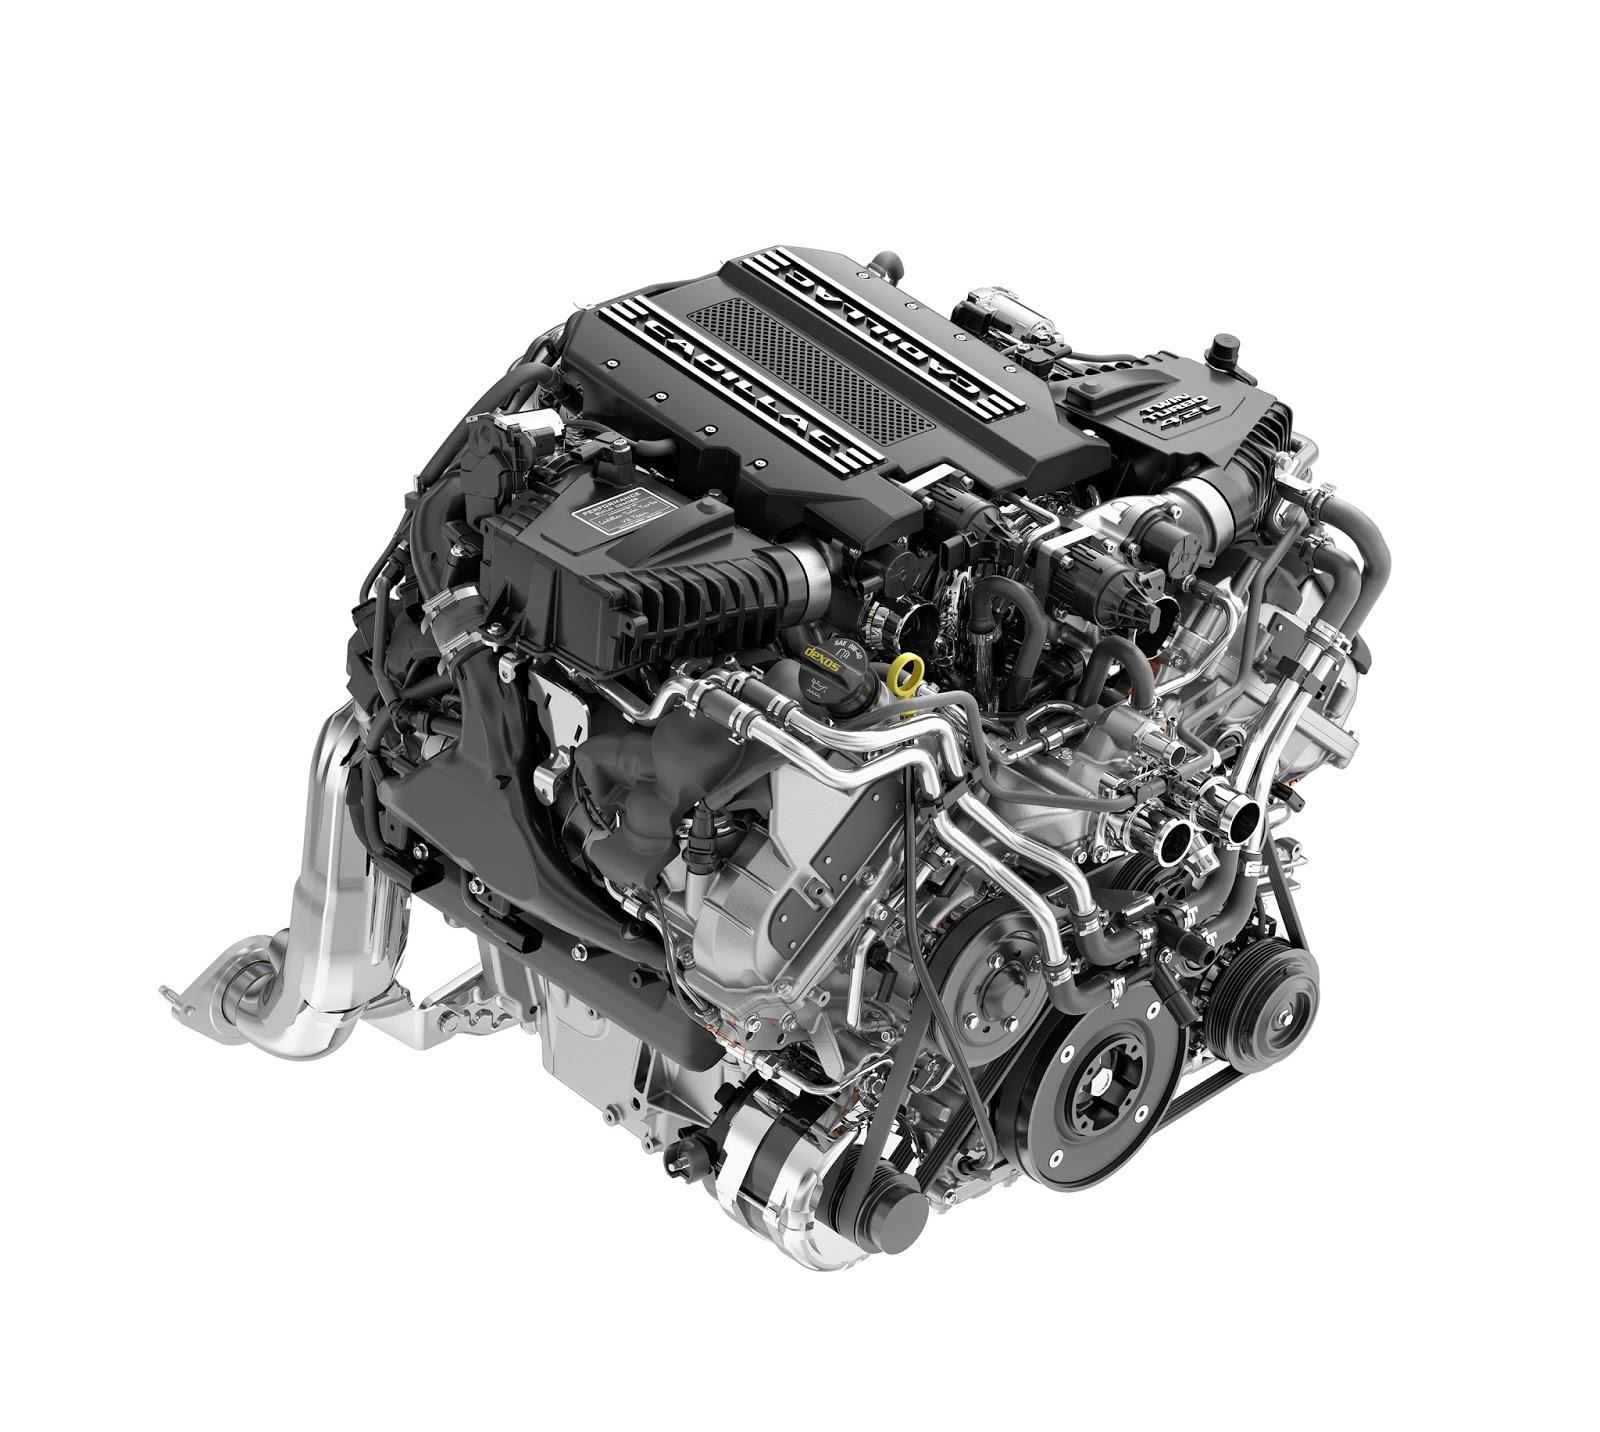 2019 Cadillac CT6 V-Sport, Avec Un V8 Biturbo